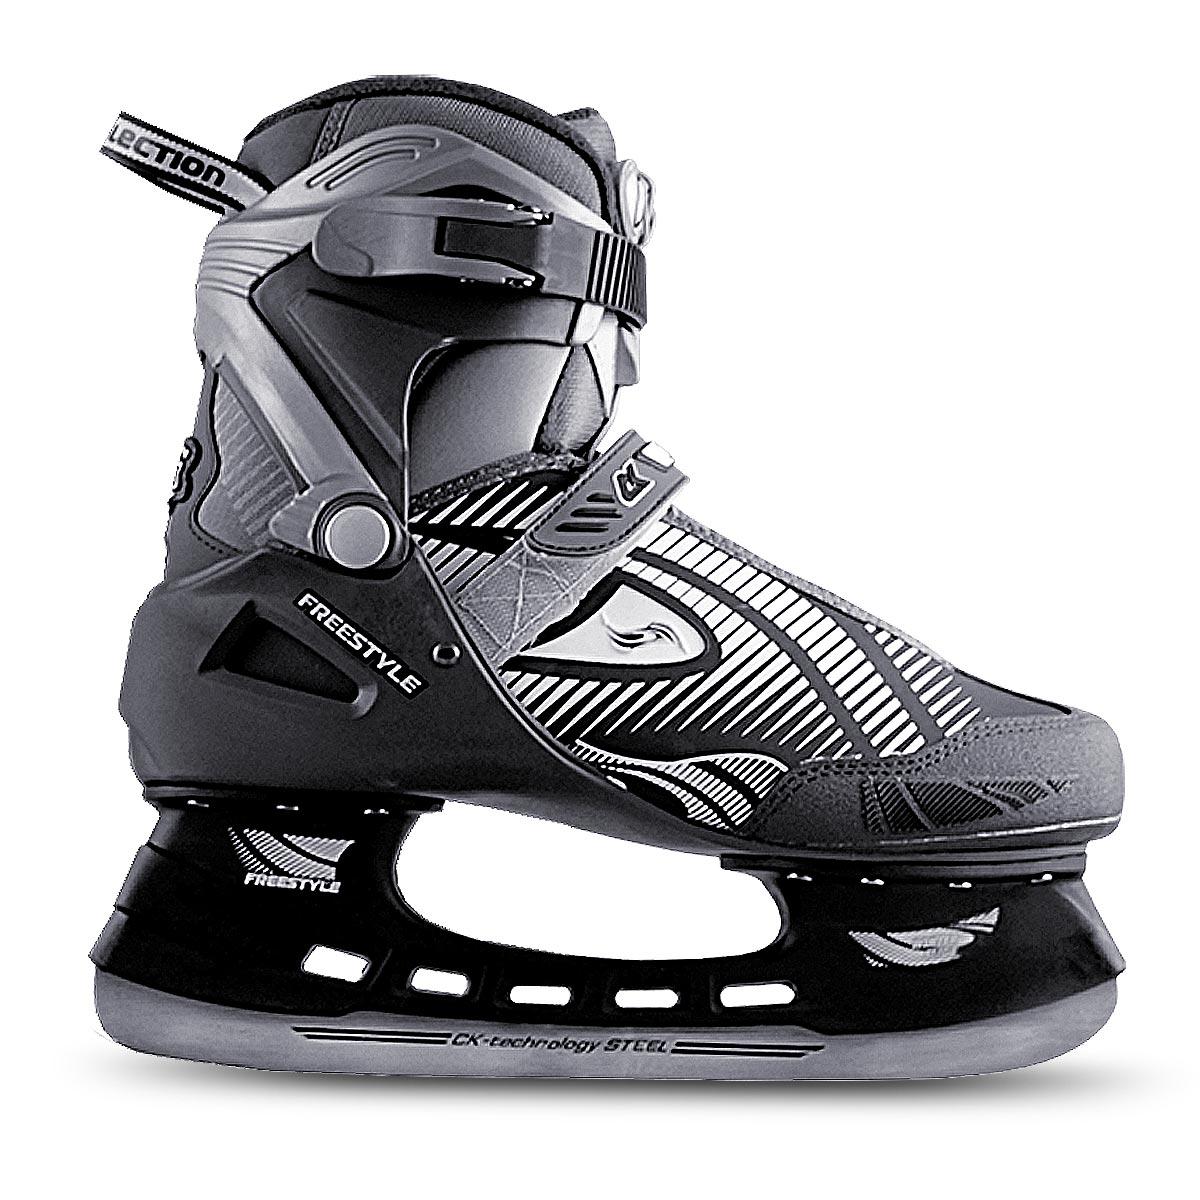 Коньки хоккейные мужские СК Freestyle, цвет: серый, черный. Размер 38 FREESTYLE_серый, черный_38